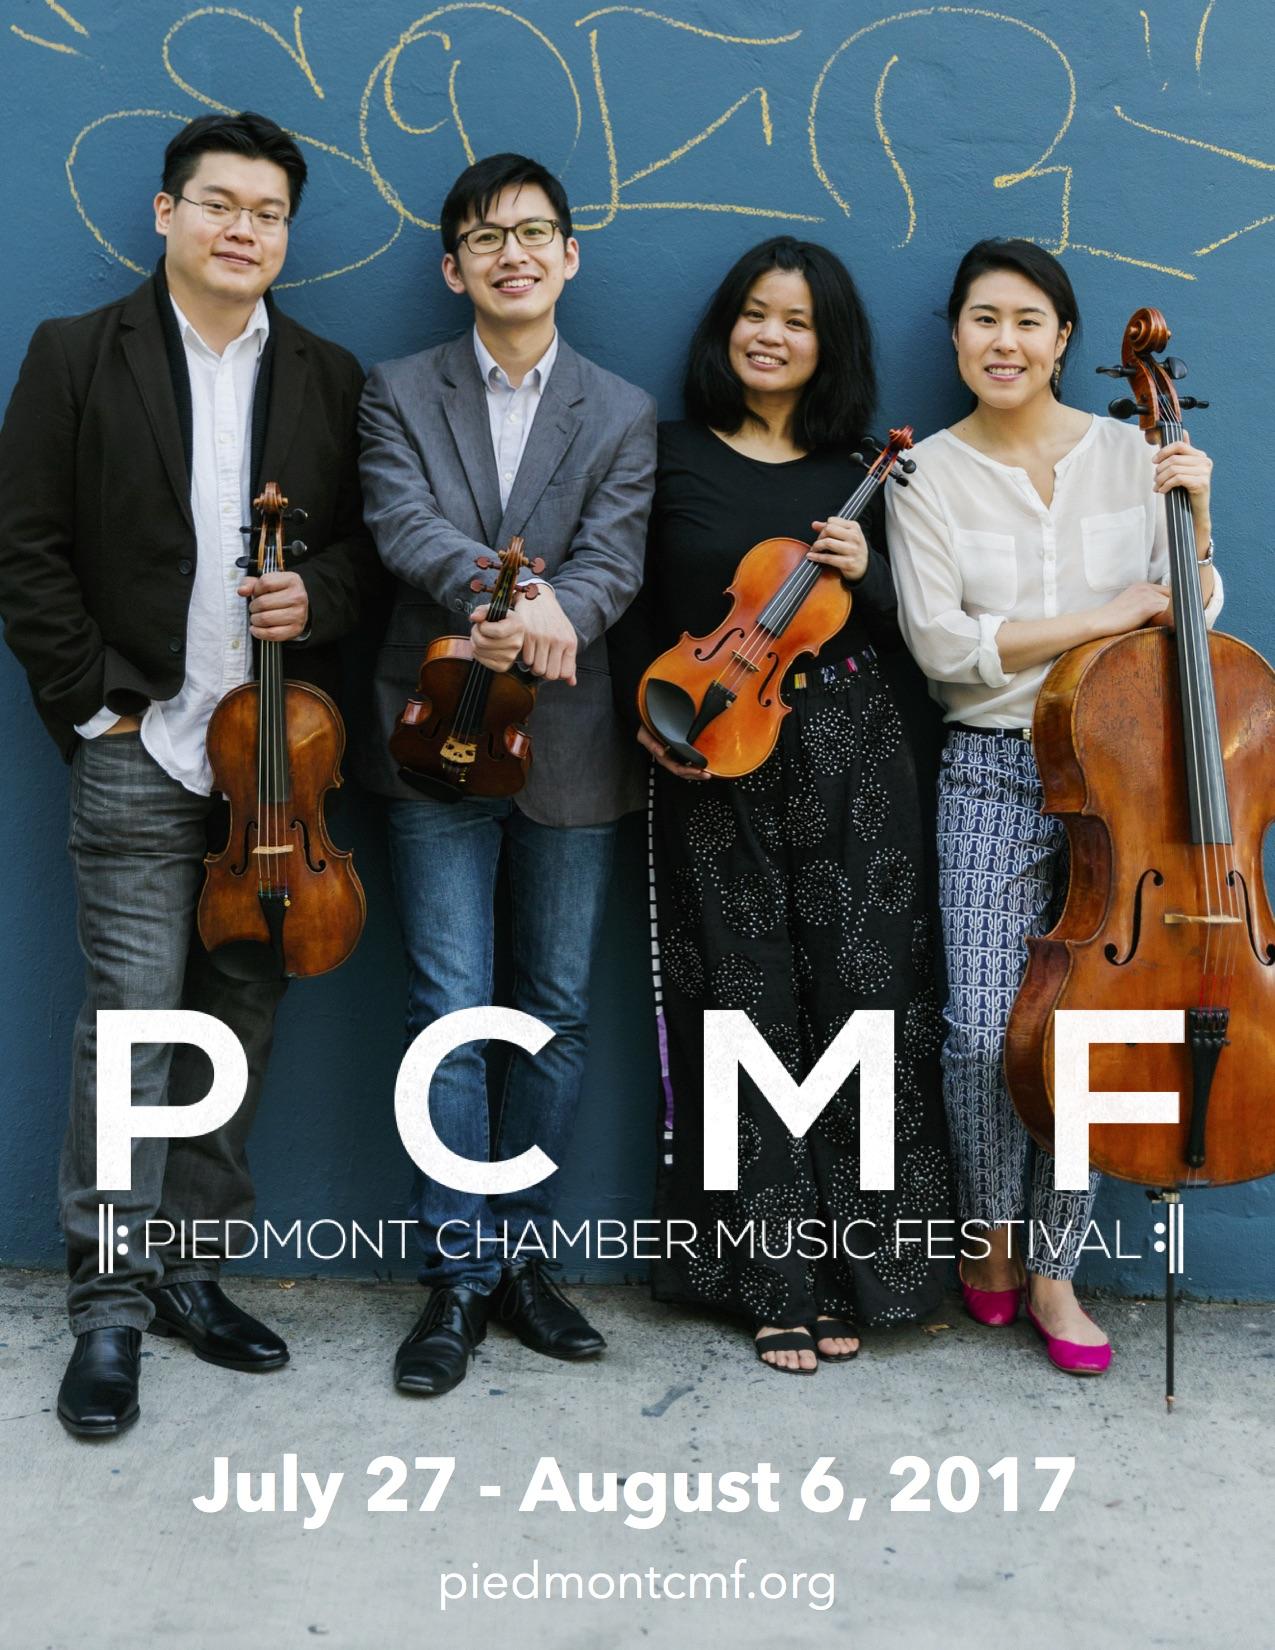 PCMF 2017 poster 2.jpg